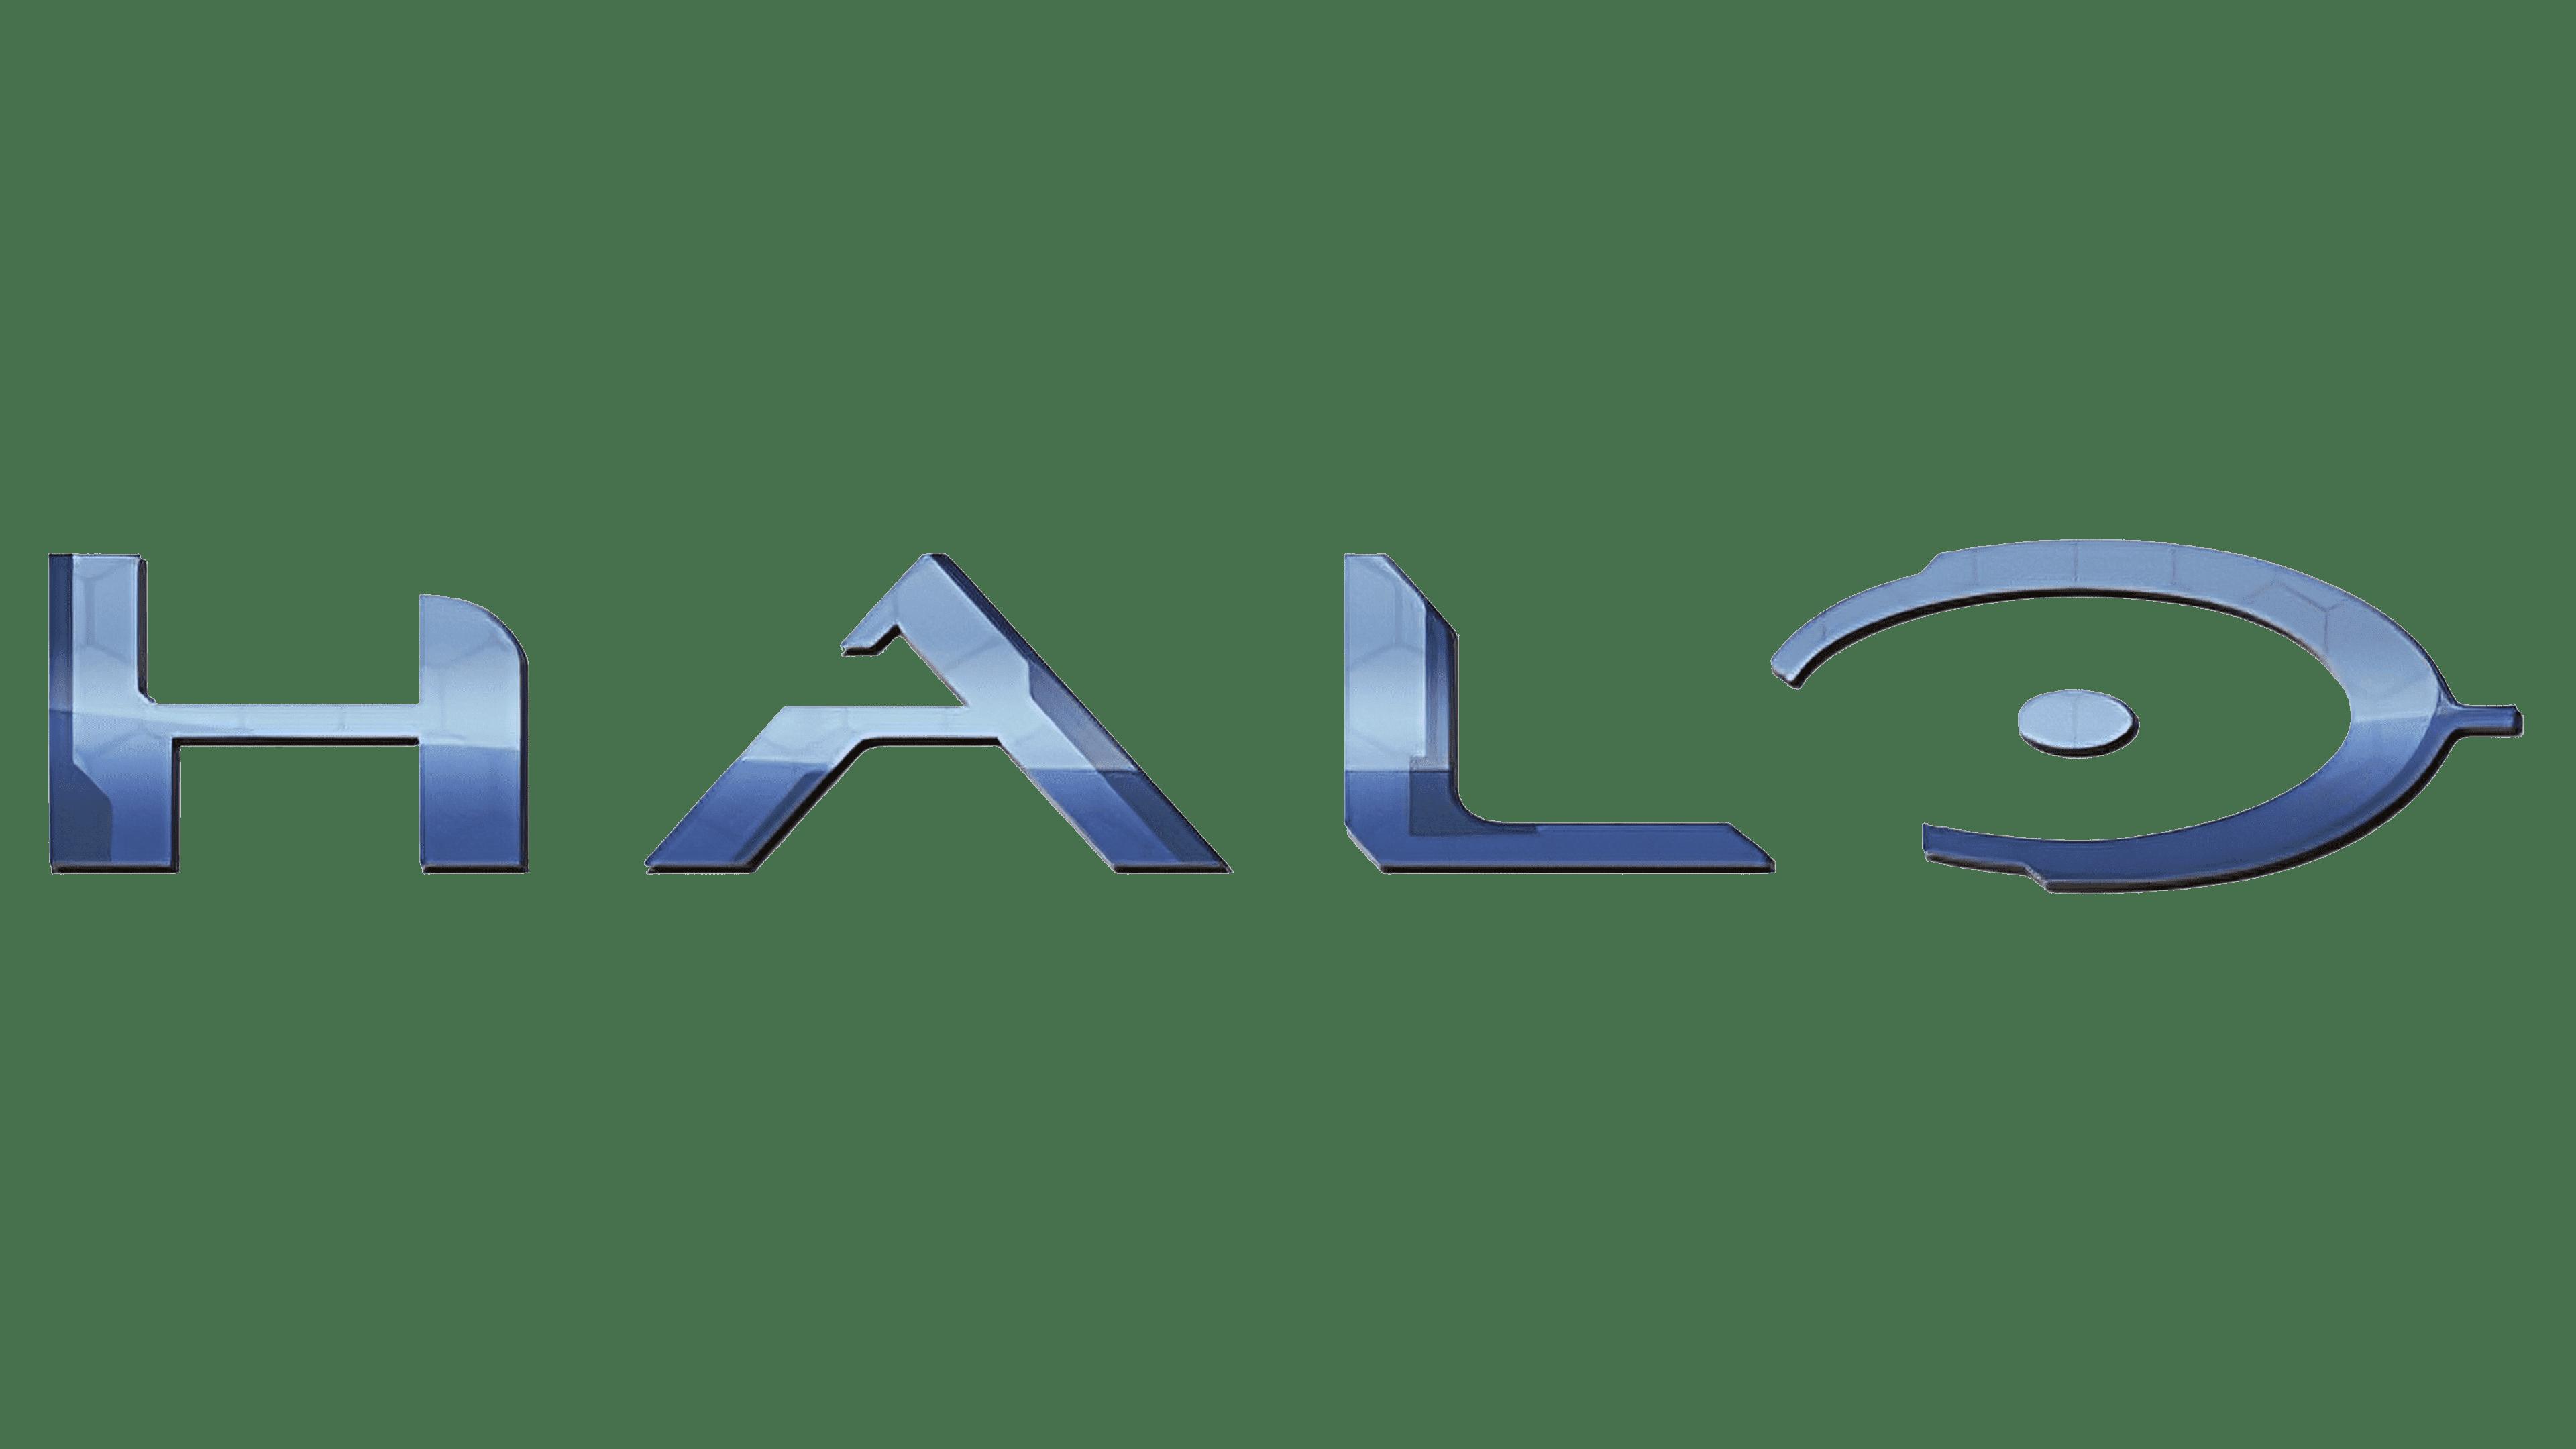 Halo-Logo-2012-2013